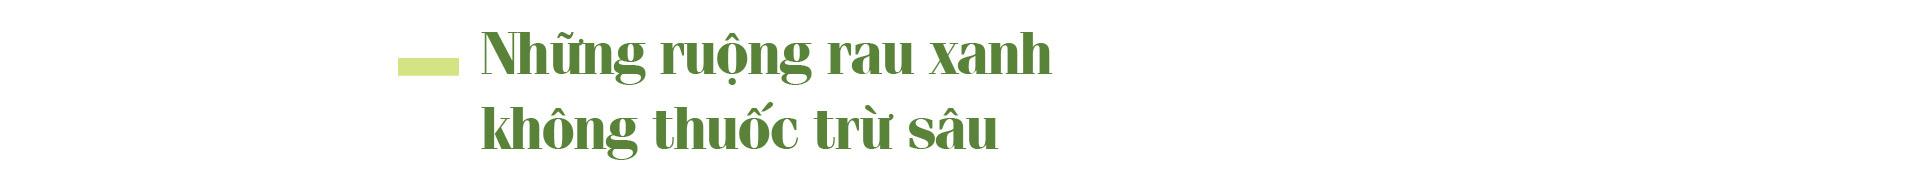 """Nguyễn Văn Tuất - """"thủ lĩnh"""" nông dân giỏi với biệt tài chăn nuôi 10 tỷ đồng/năm - Ảnh 1."""